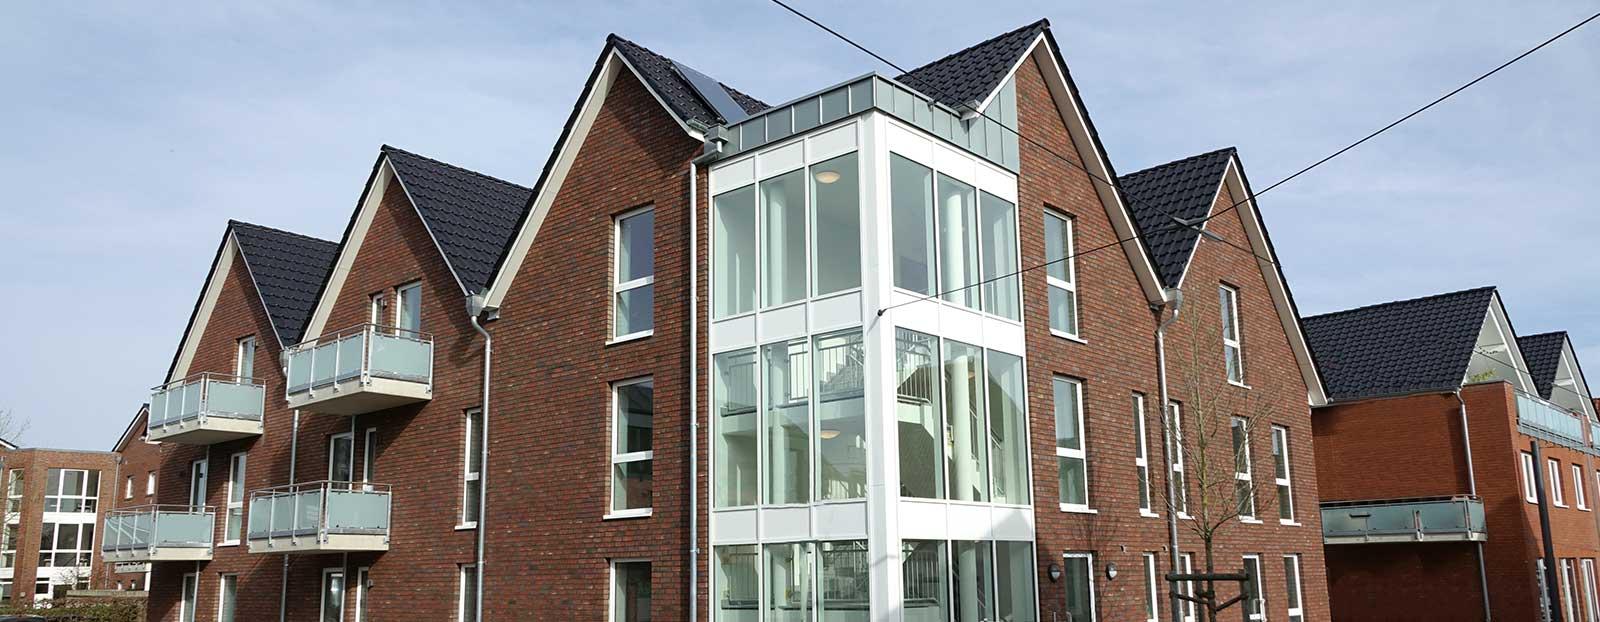 Mehrfamilienhaus in der Langen Straße in Horneburg